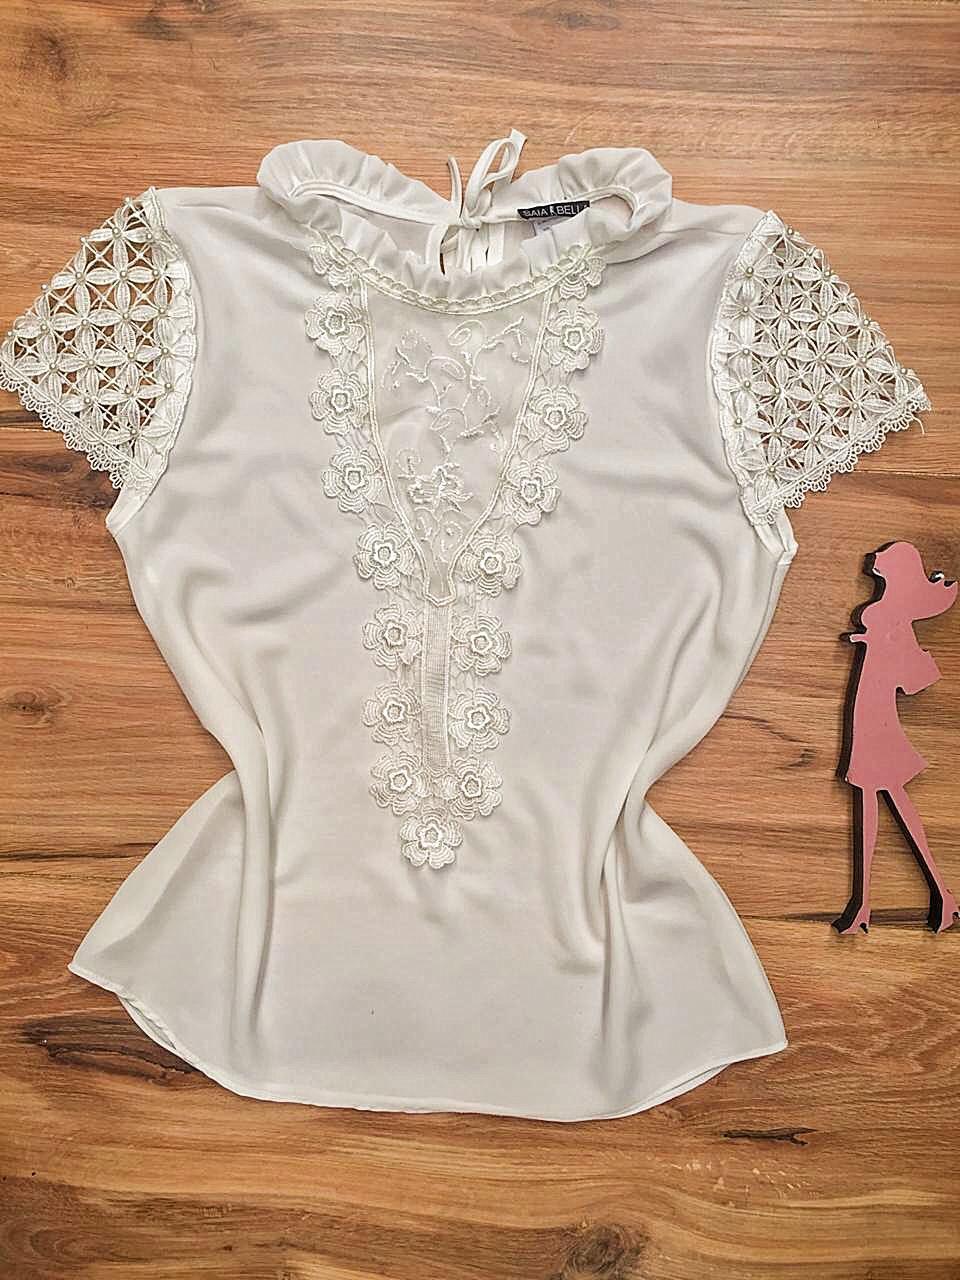 Blusa de Renda Saia Bella - SB9986 branco